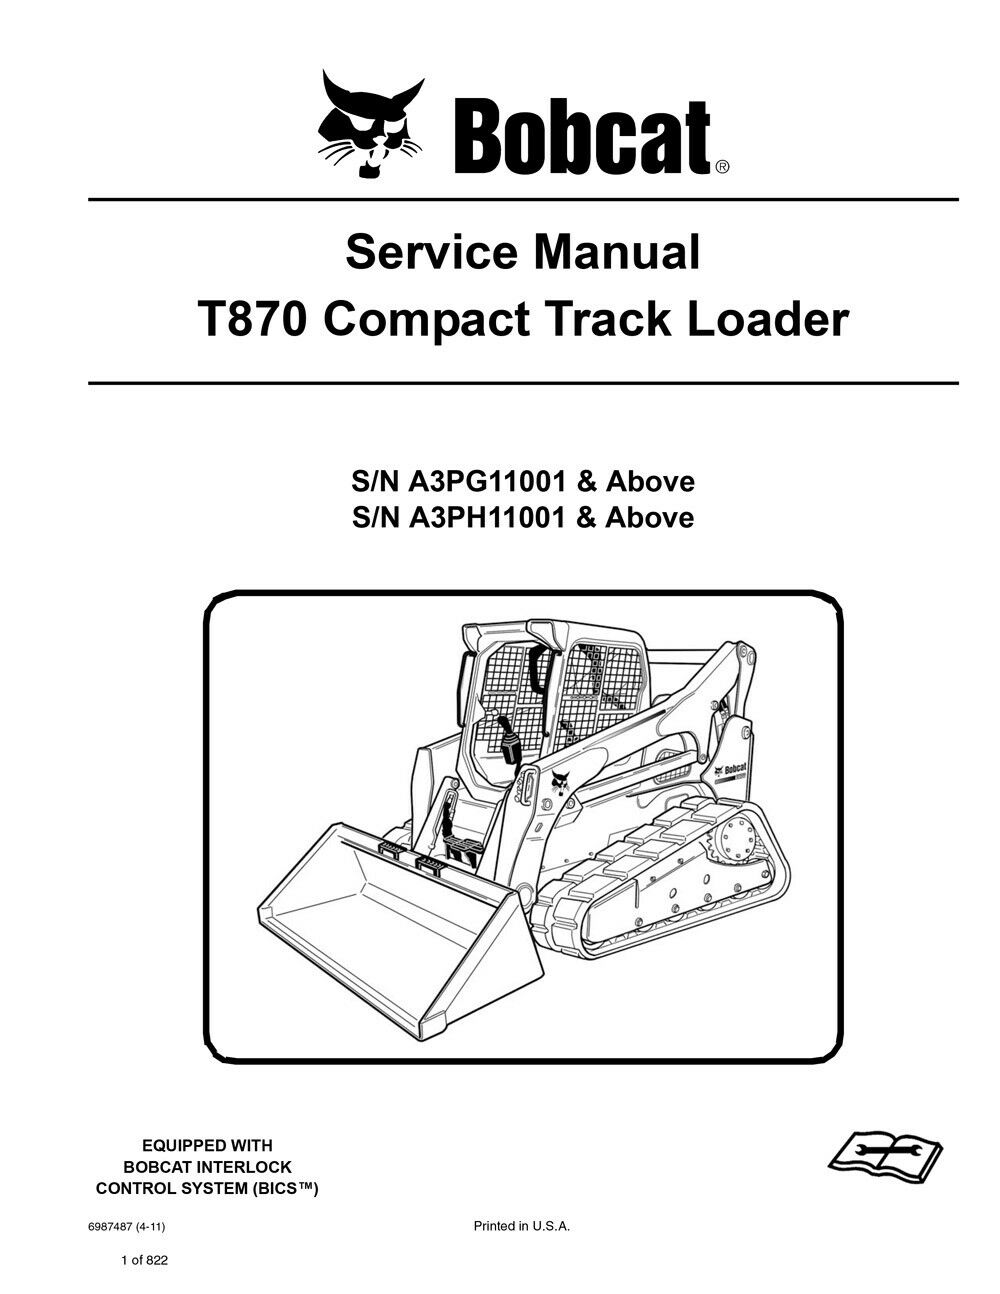 Bobcat T870 Track Loader Service Manual Shop Repair Book Part 1 Number # 6987487 for sale online